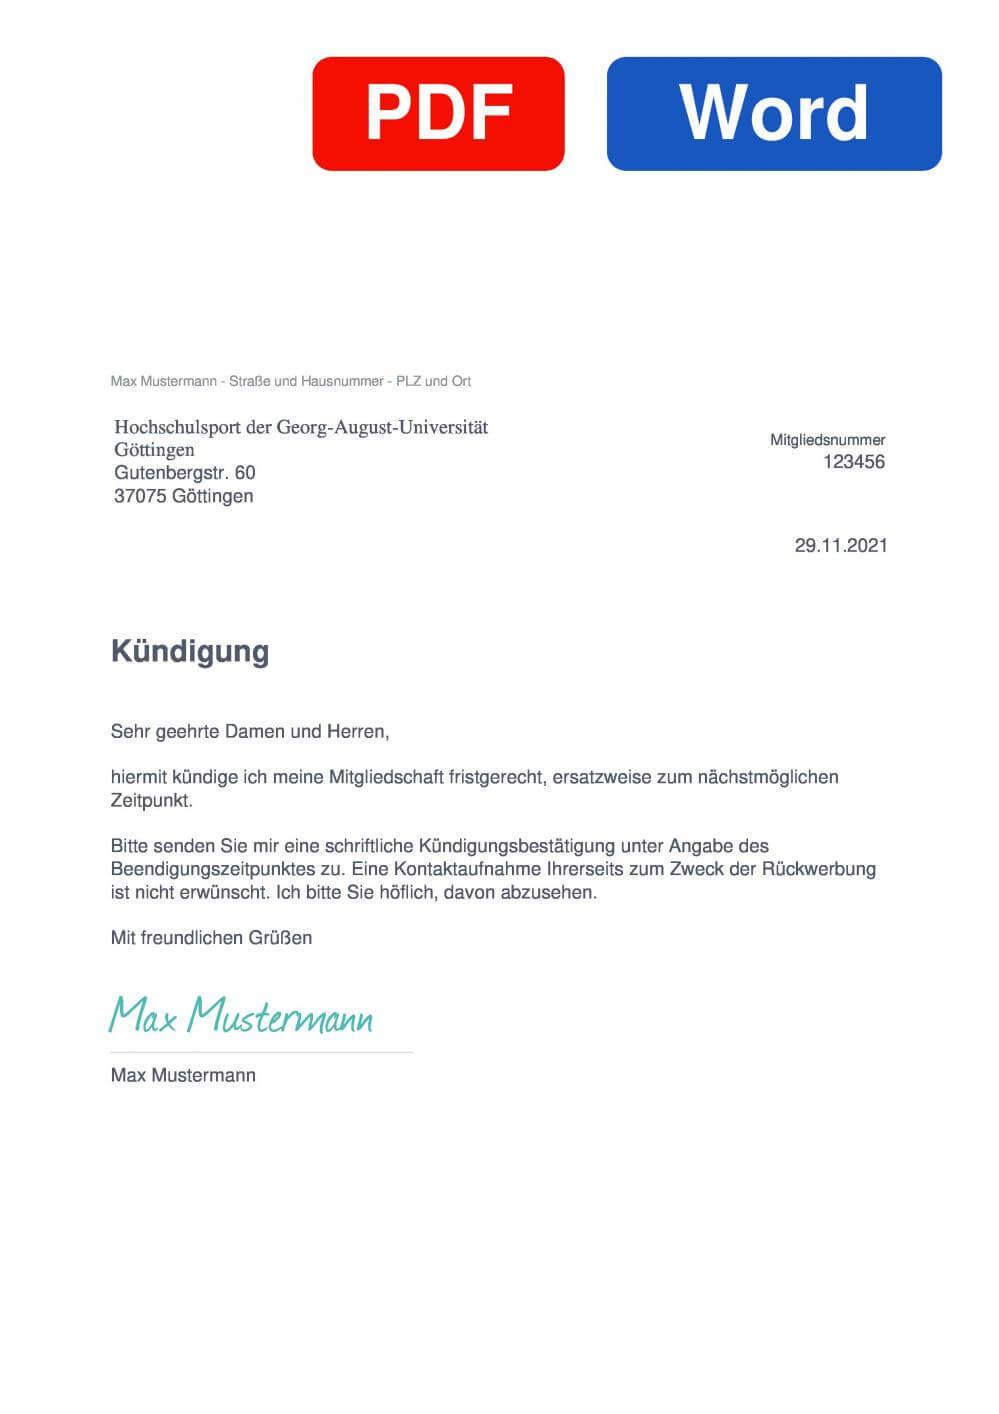 Hochschulsport Göttingen Muster Vorlage für Kündigungsschreiben